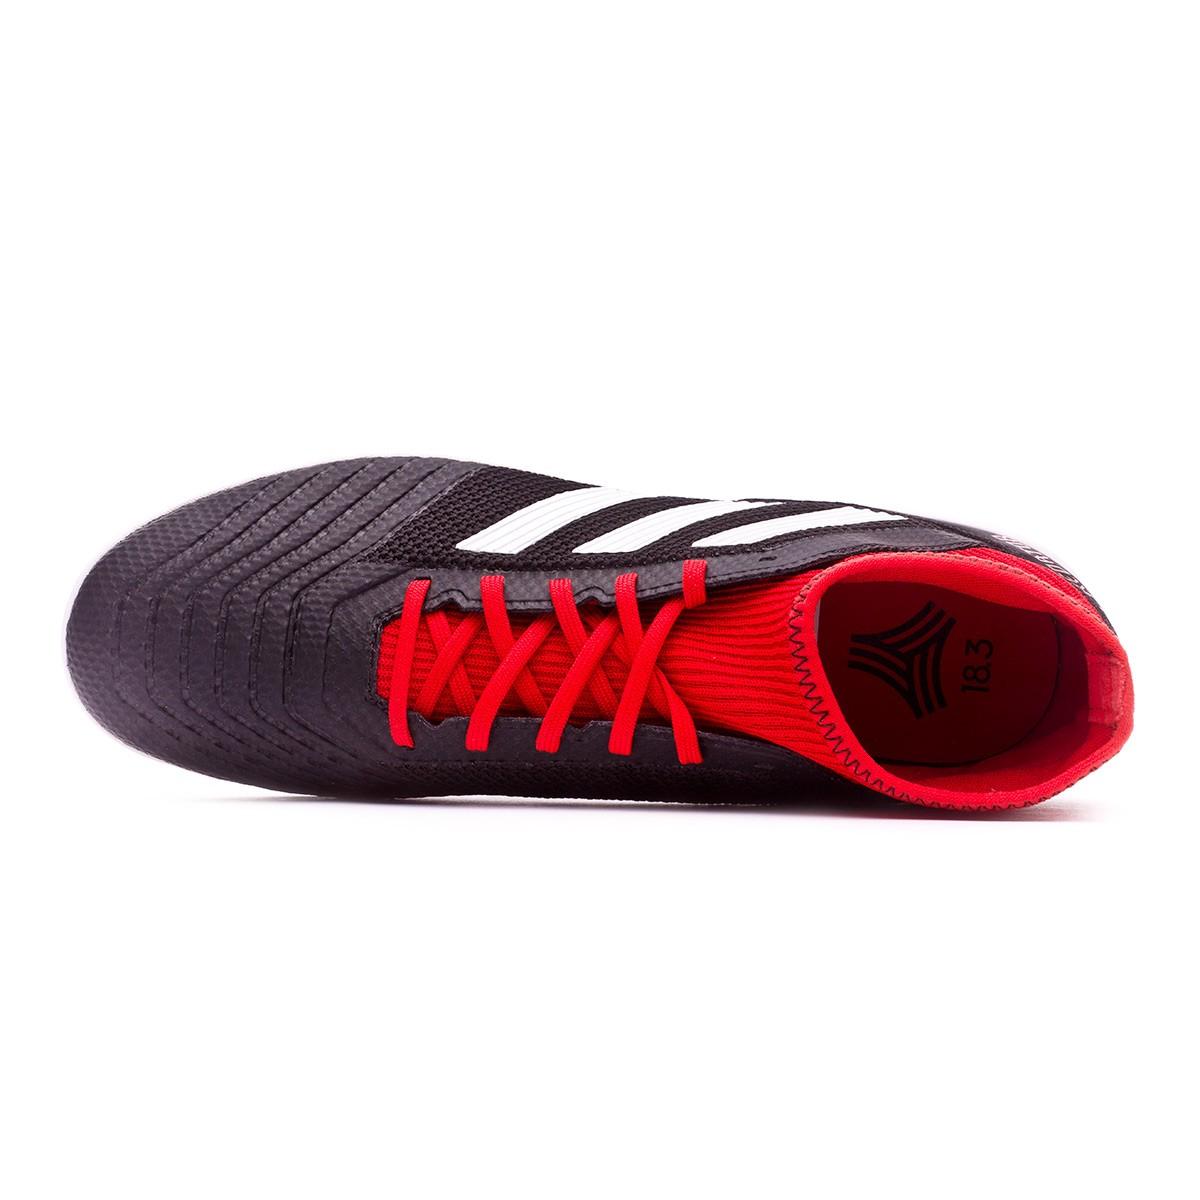 2893cef9f40 ... Solar YellowCore Black  promo code c06e5 57390 Football Boot adidas  Predator Tango 18.3 Turf Core black-White-